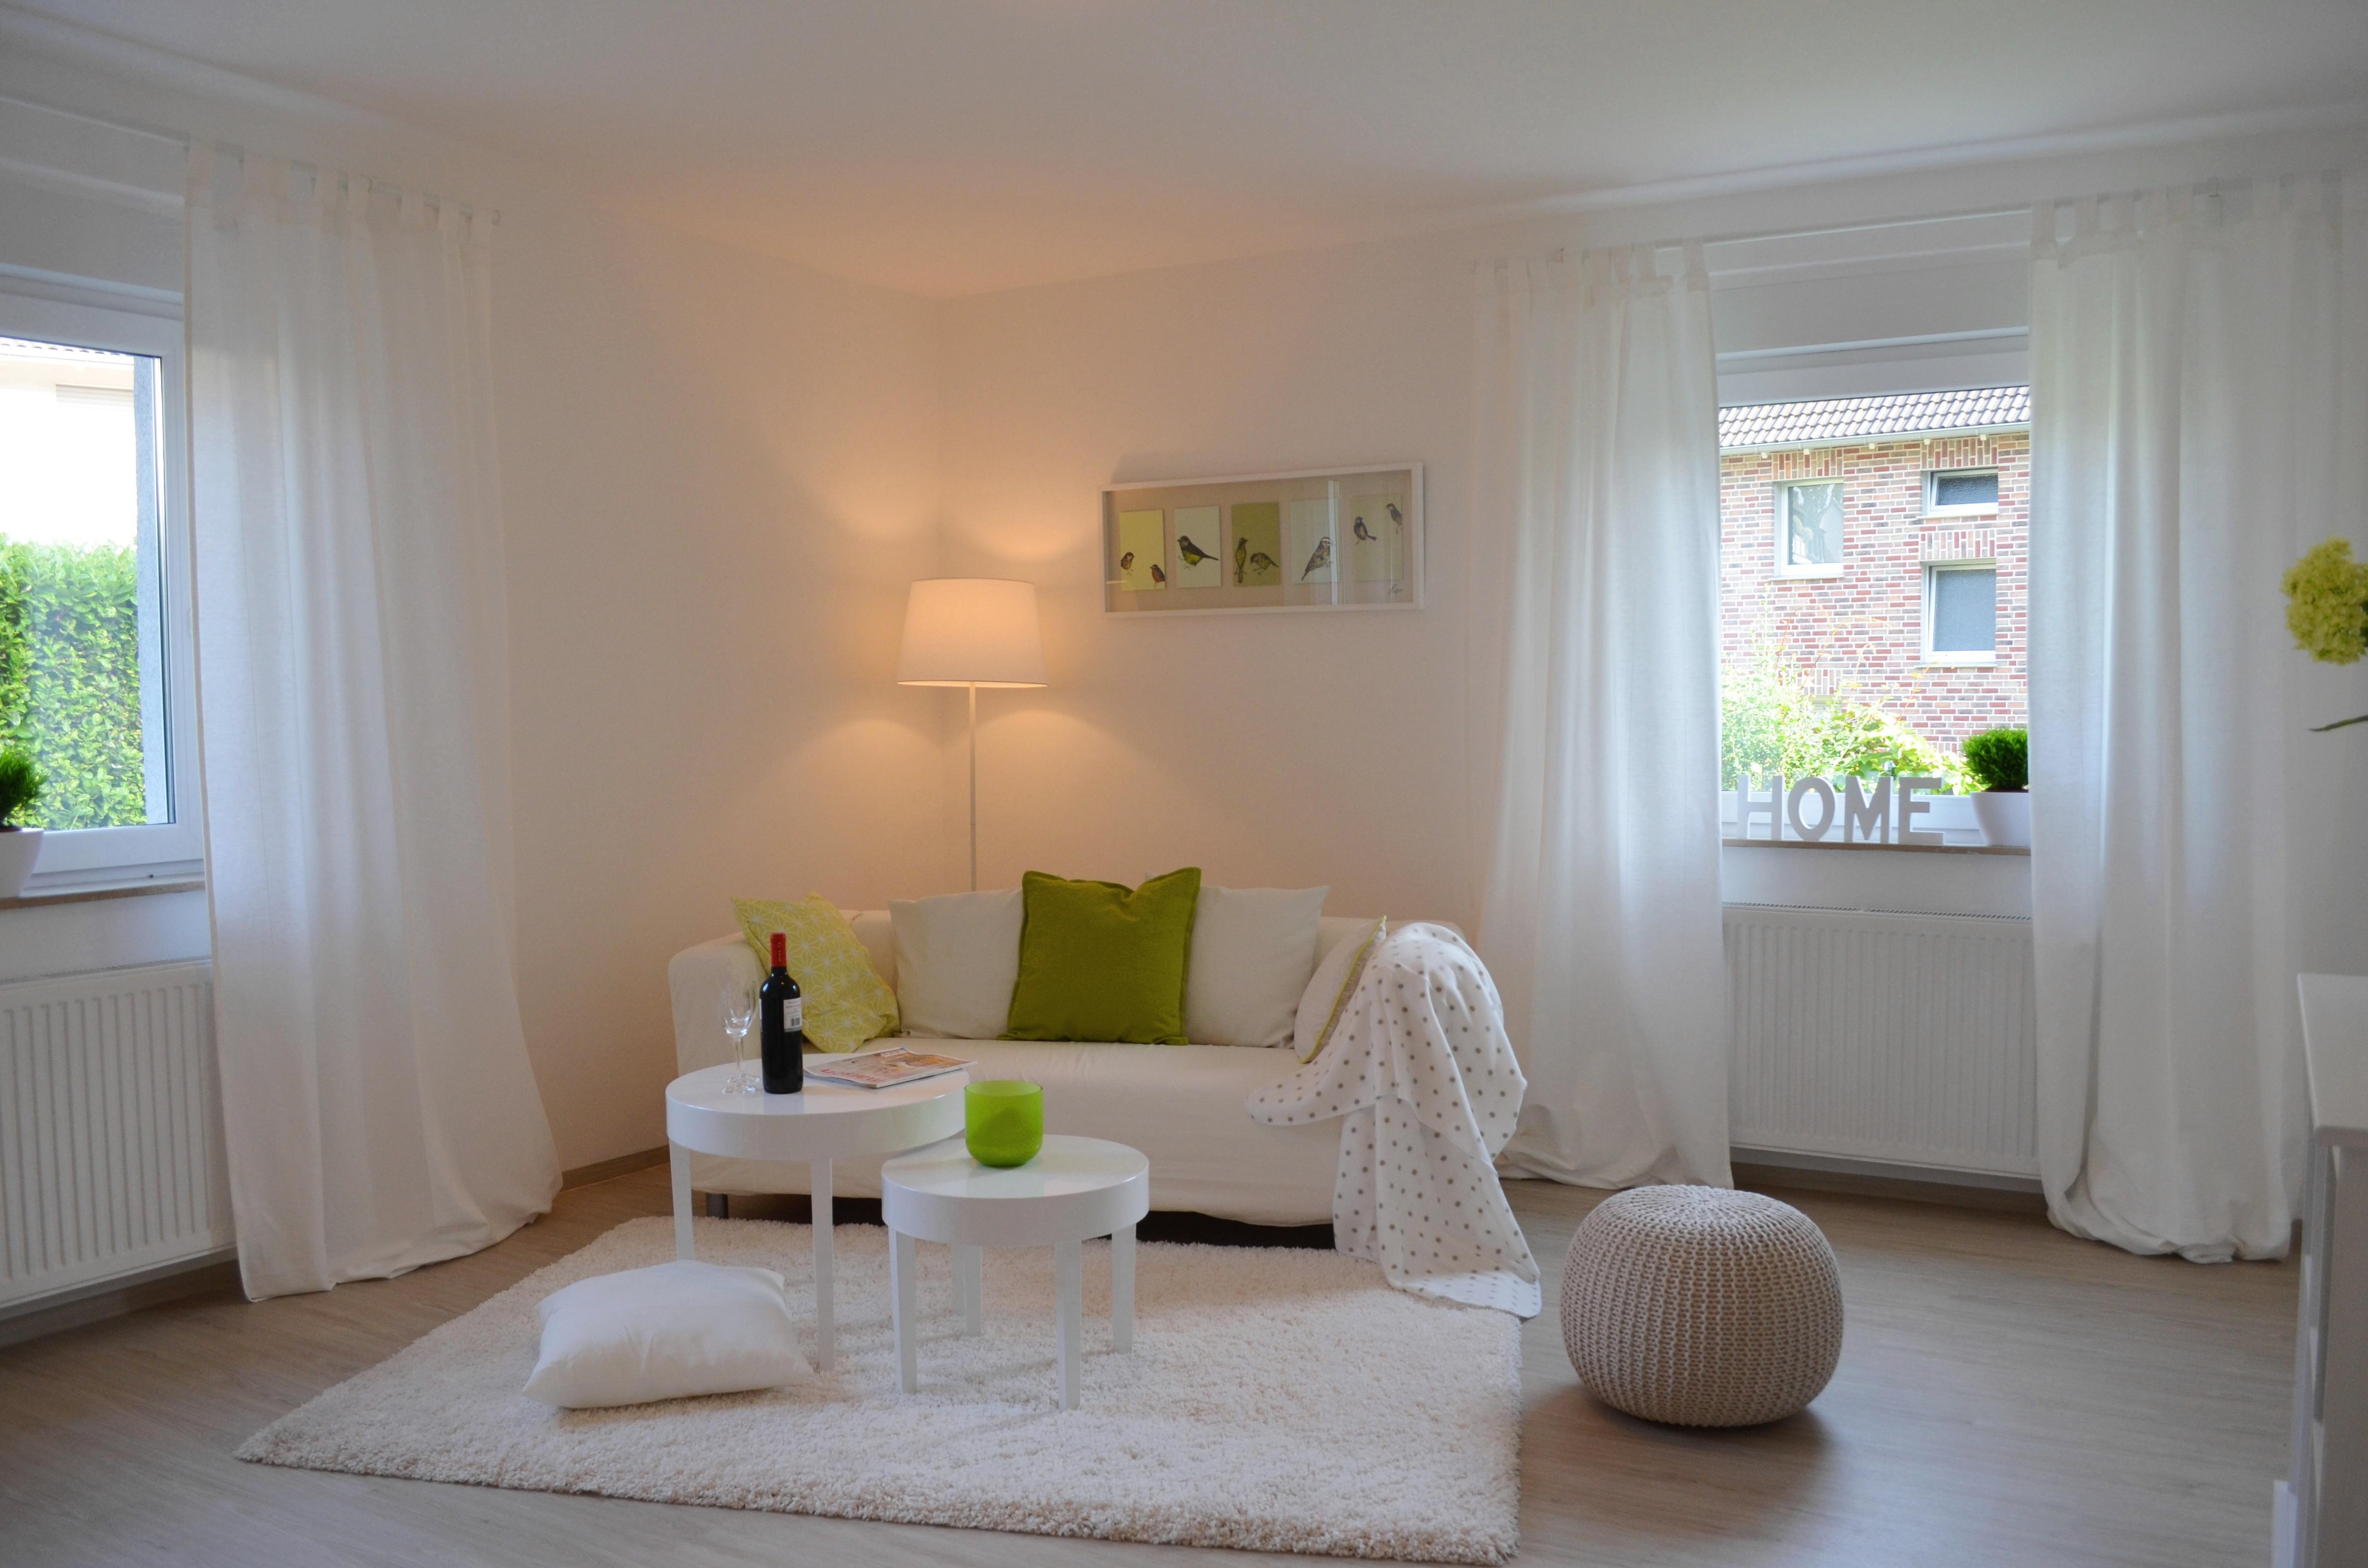 Frisches Wohnzimmer #couchtisch #wandfarbe #stehlampe #pouf #gardine  #sofakissen #sofa